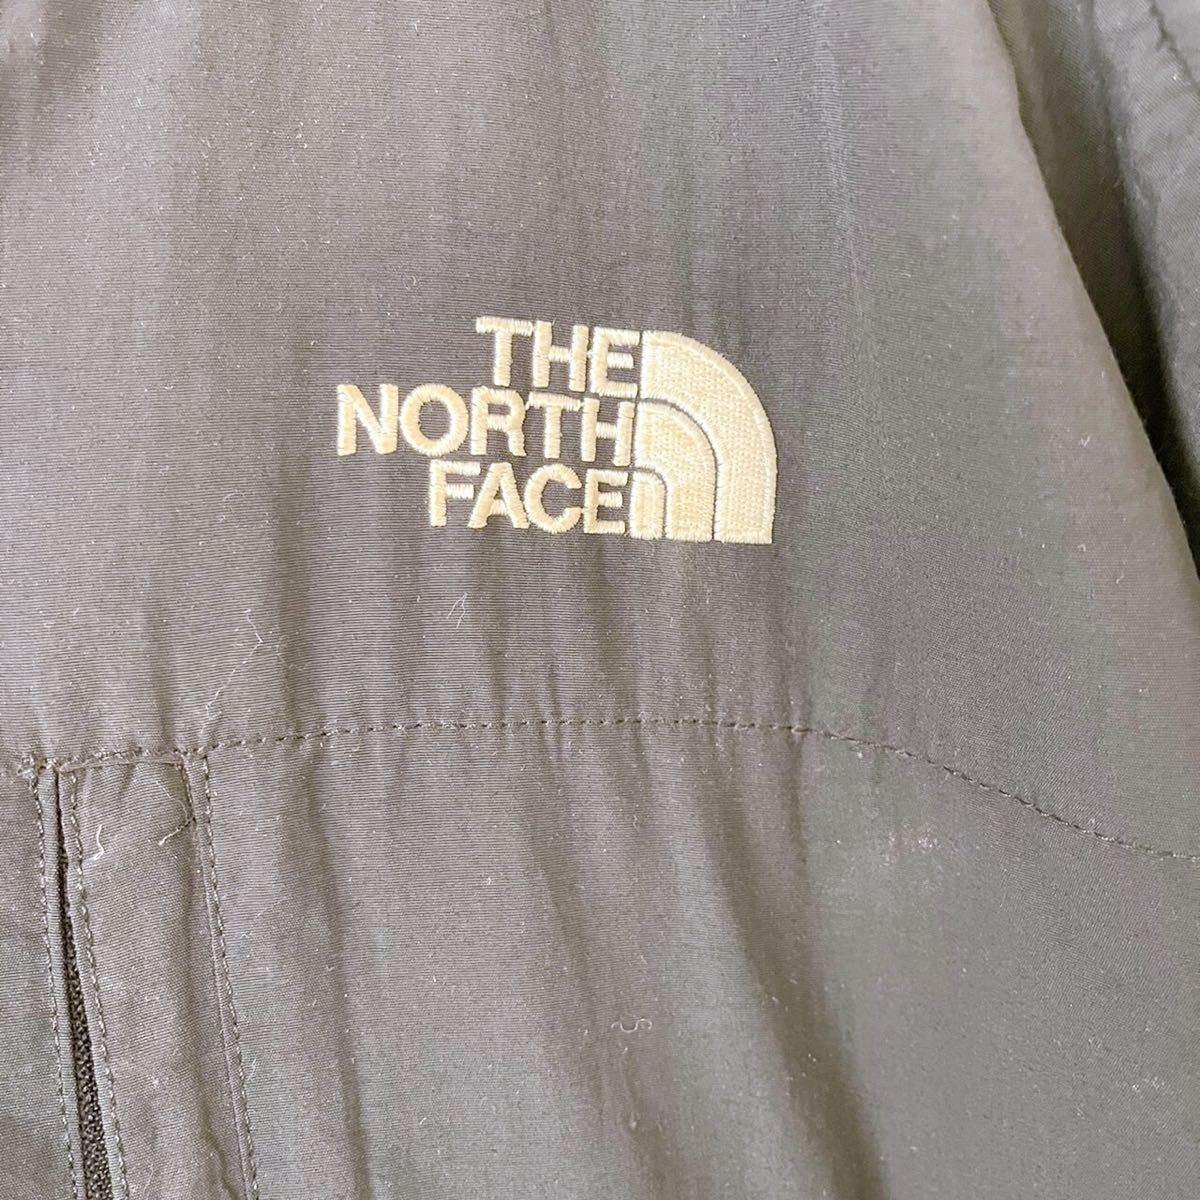 ノースフェイス デナリジャケット マウンテンパーカー グレー XL 海外製 古着 フリースジャケット 切替 ナイロン フリース